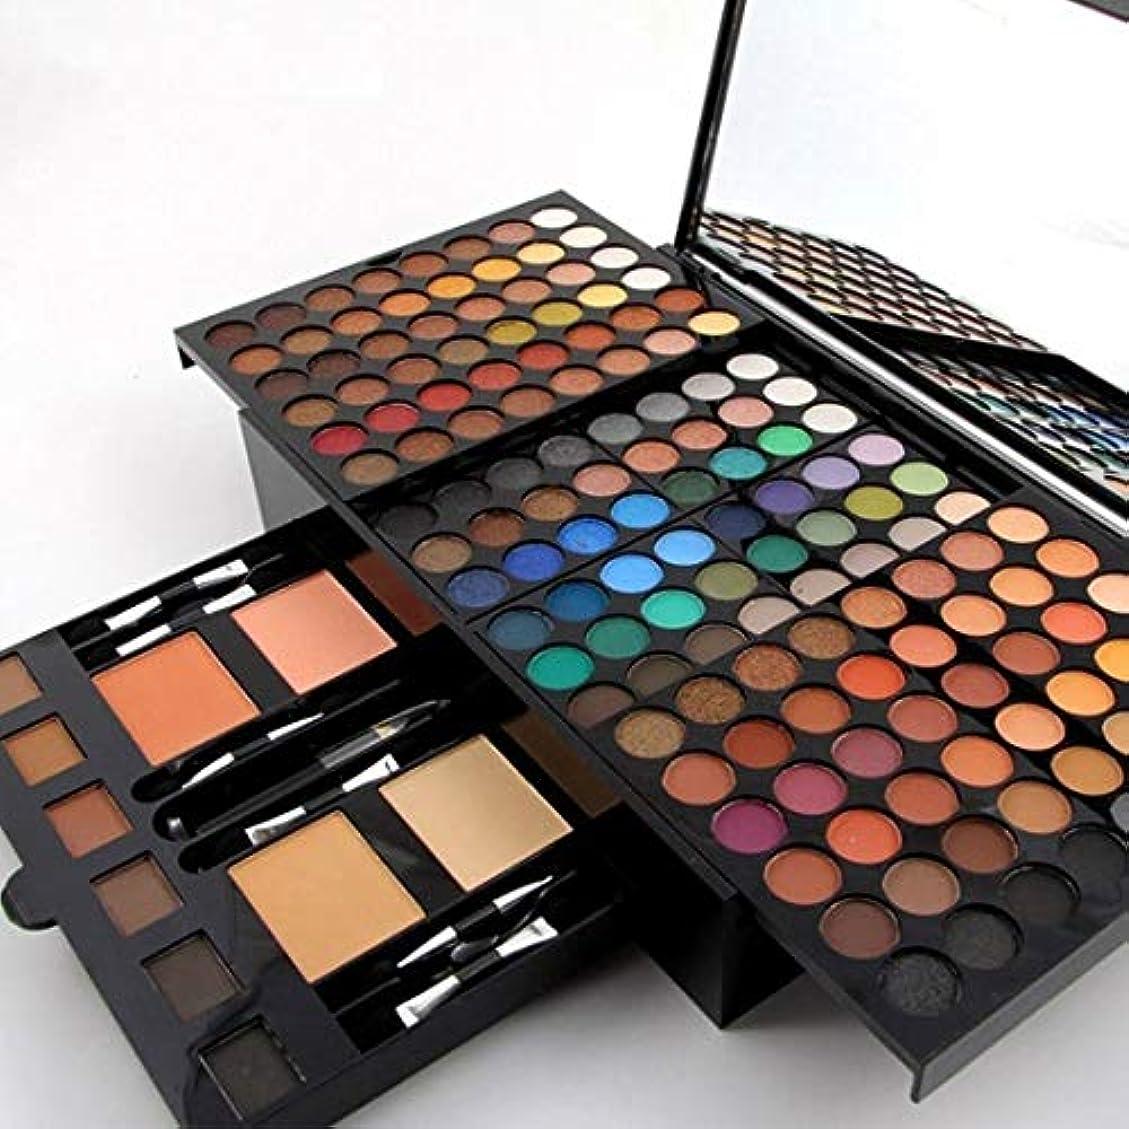 痛い多年生パウダーMISS ROSE 180 Colors Professional Eyeshadow Palette Makeup Set with Makeup Brushes Mirror Shrink Matte & Shimmer...